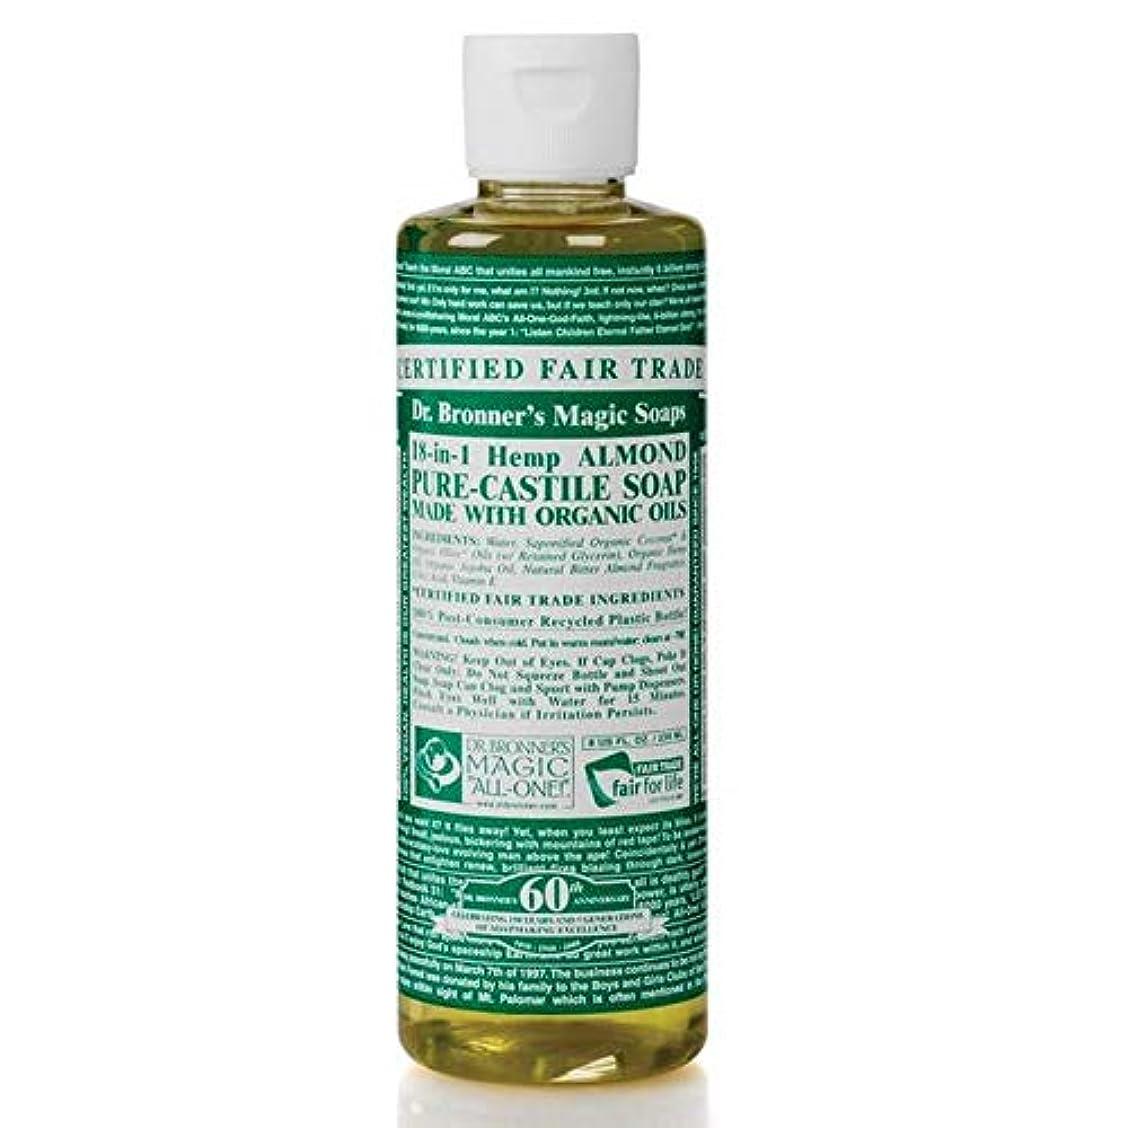 強制ライン微視的[Dr Bronner] Dr。ブロナーズ有機アーモンドカスティーリャ液体石鹸473ミリリットル - Dr. Bronner's Organic Almond Castile Liquid Soap 473ml [並行輸入品]